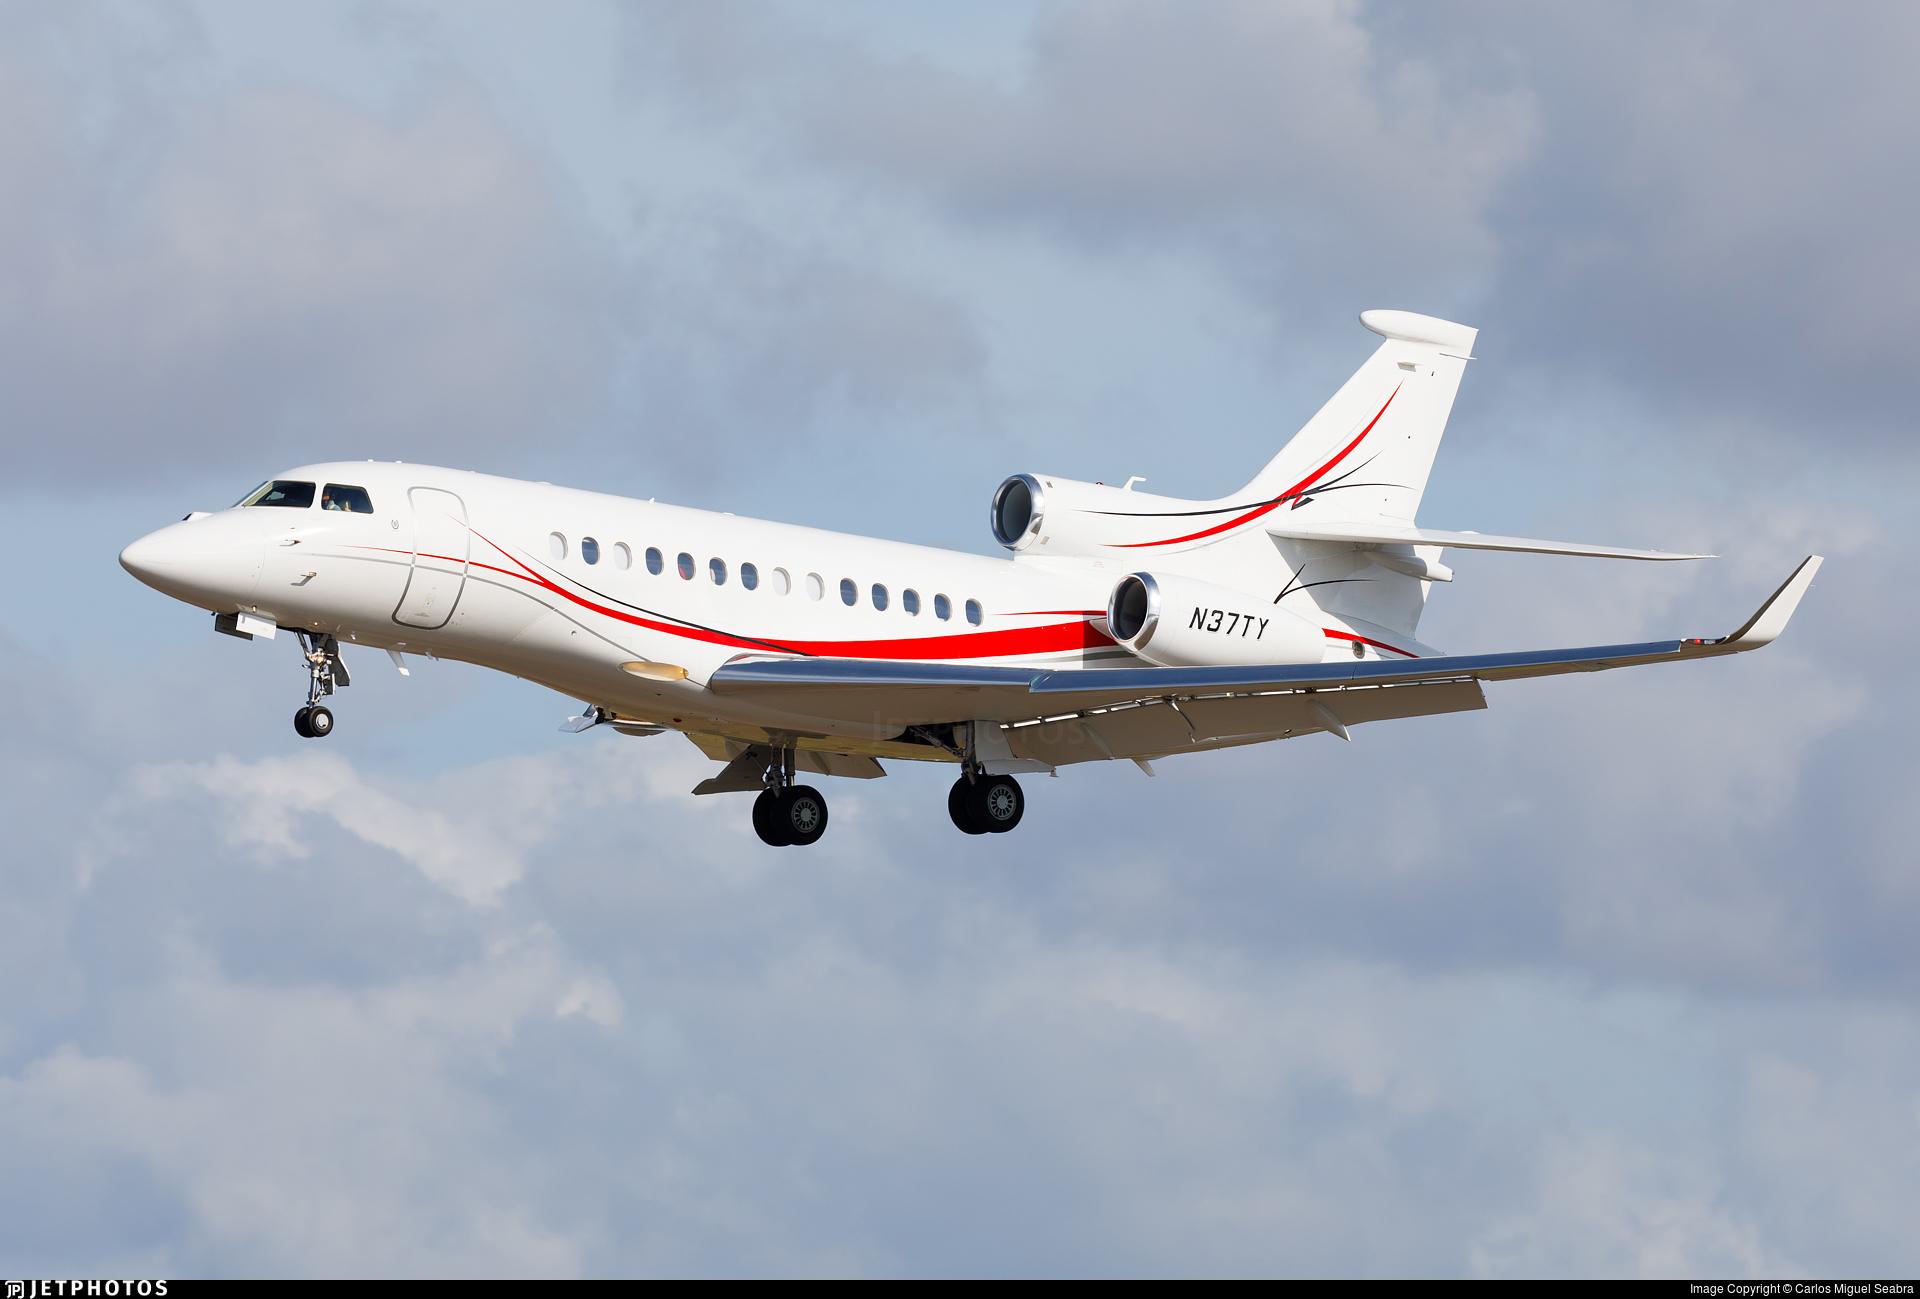 N37TY - Dassault Falcon 7X - Private